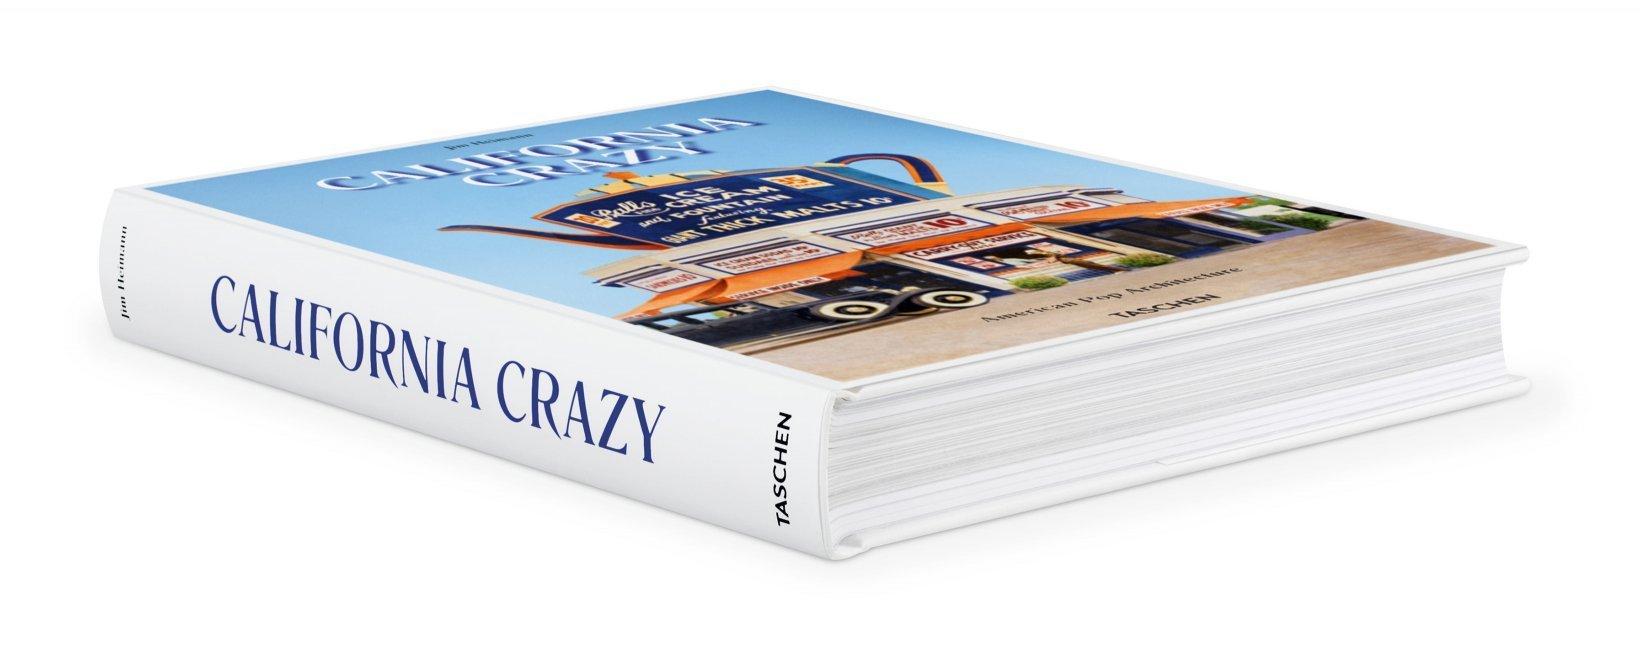 Taschen Verlag California Crazy